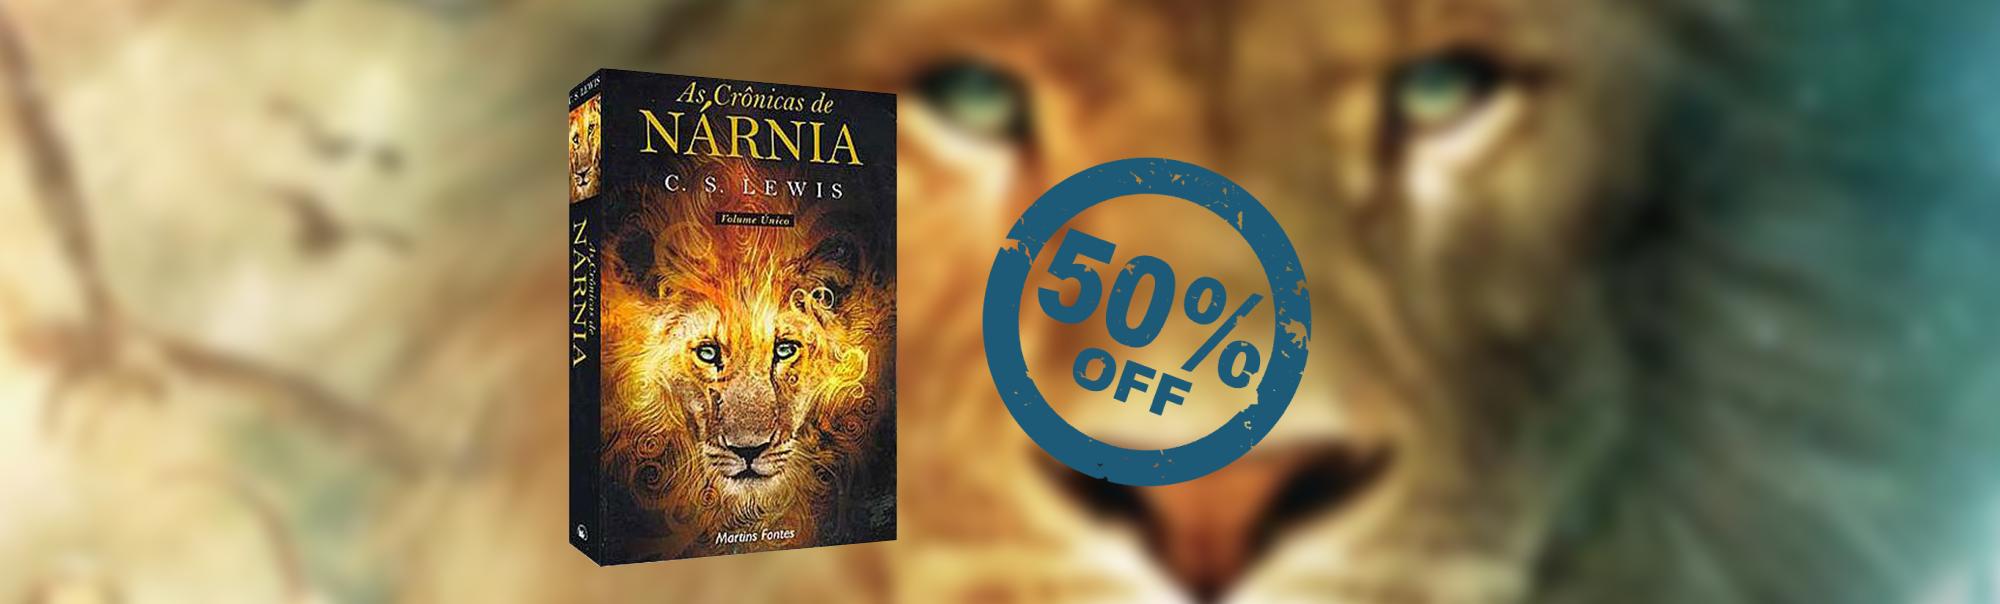 Promoção no Livro Cronicas de Nárnia de C S Lewis | Livraria Evangélica Emmerick